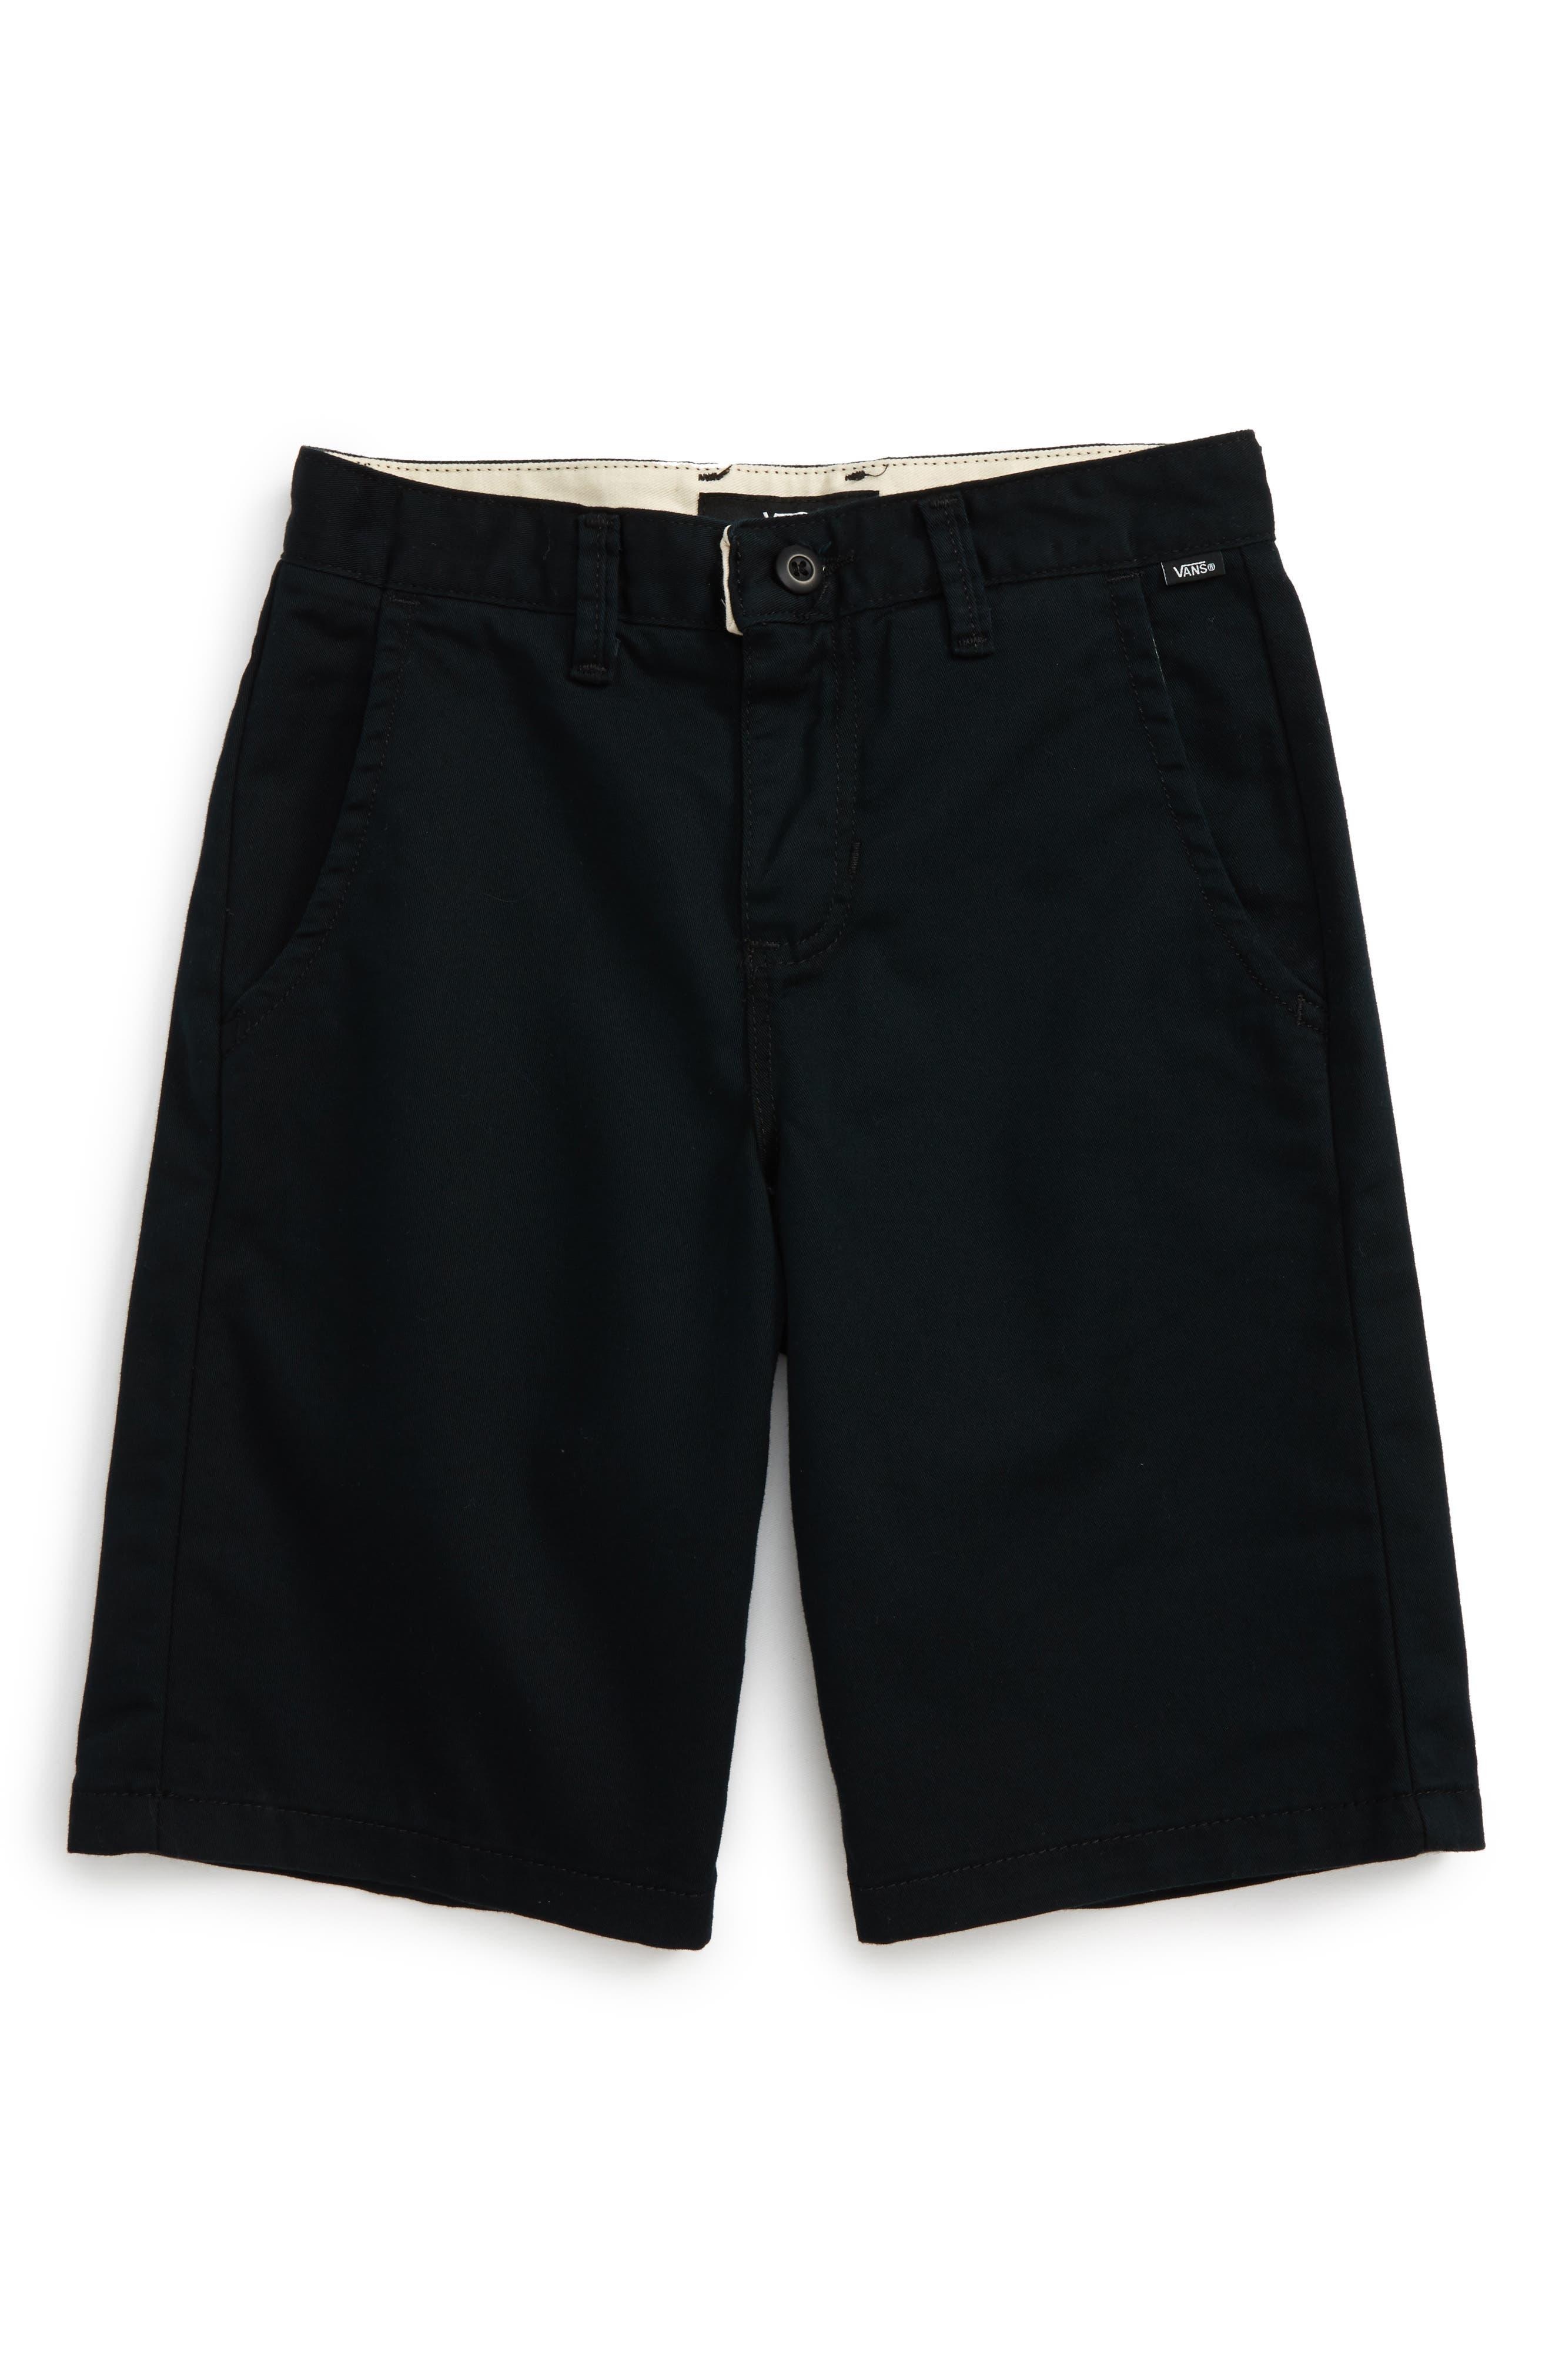 Authentic Walk Shorts,                         Main,                         color, Black